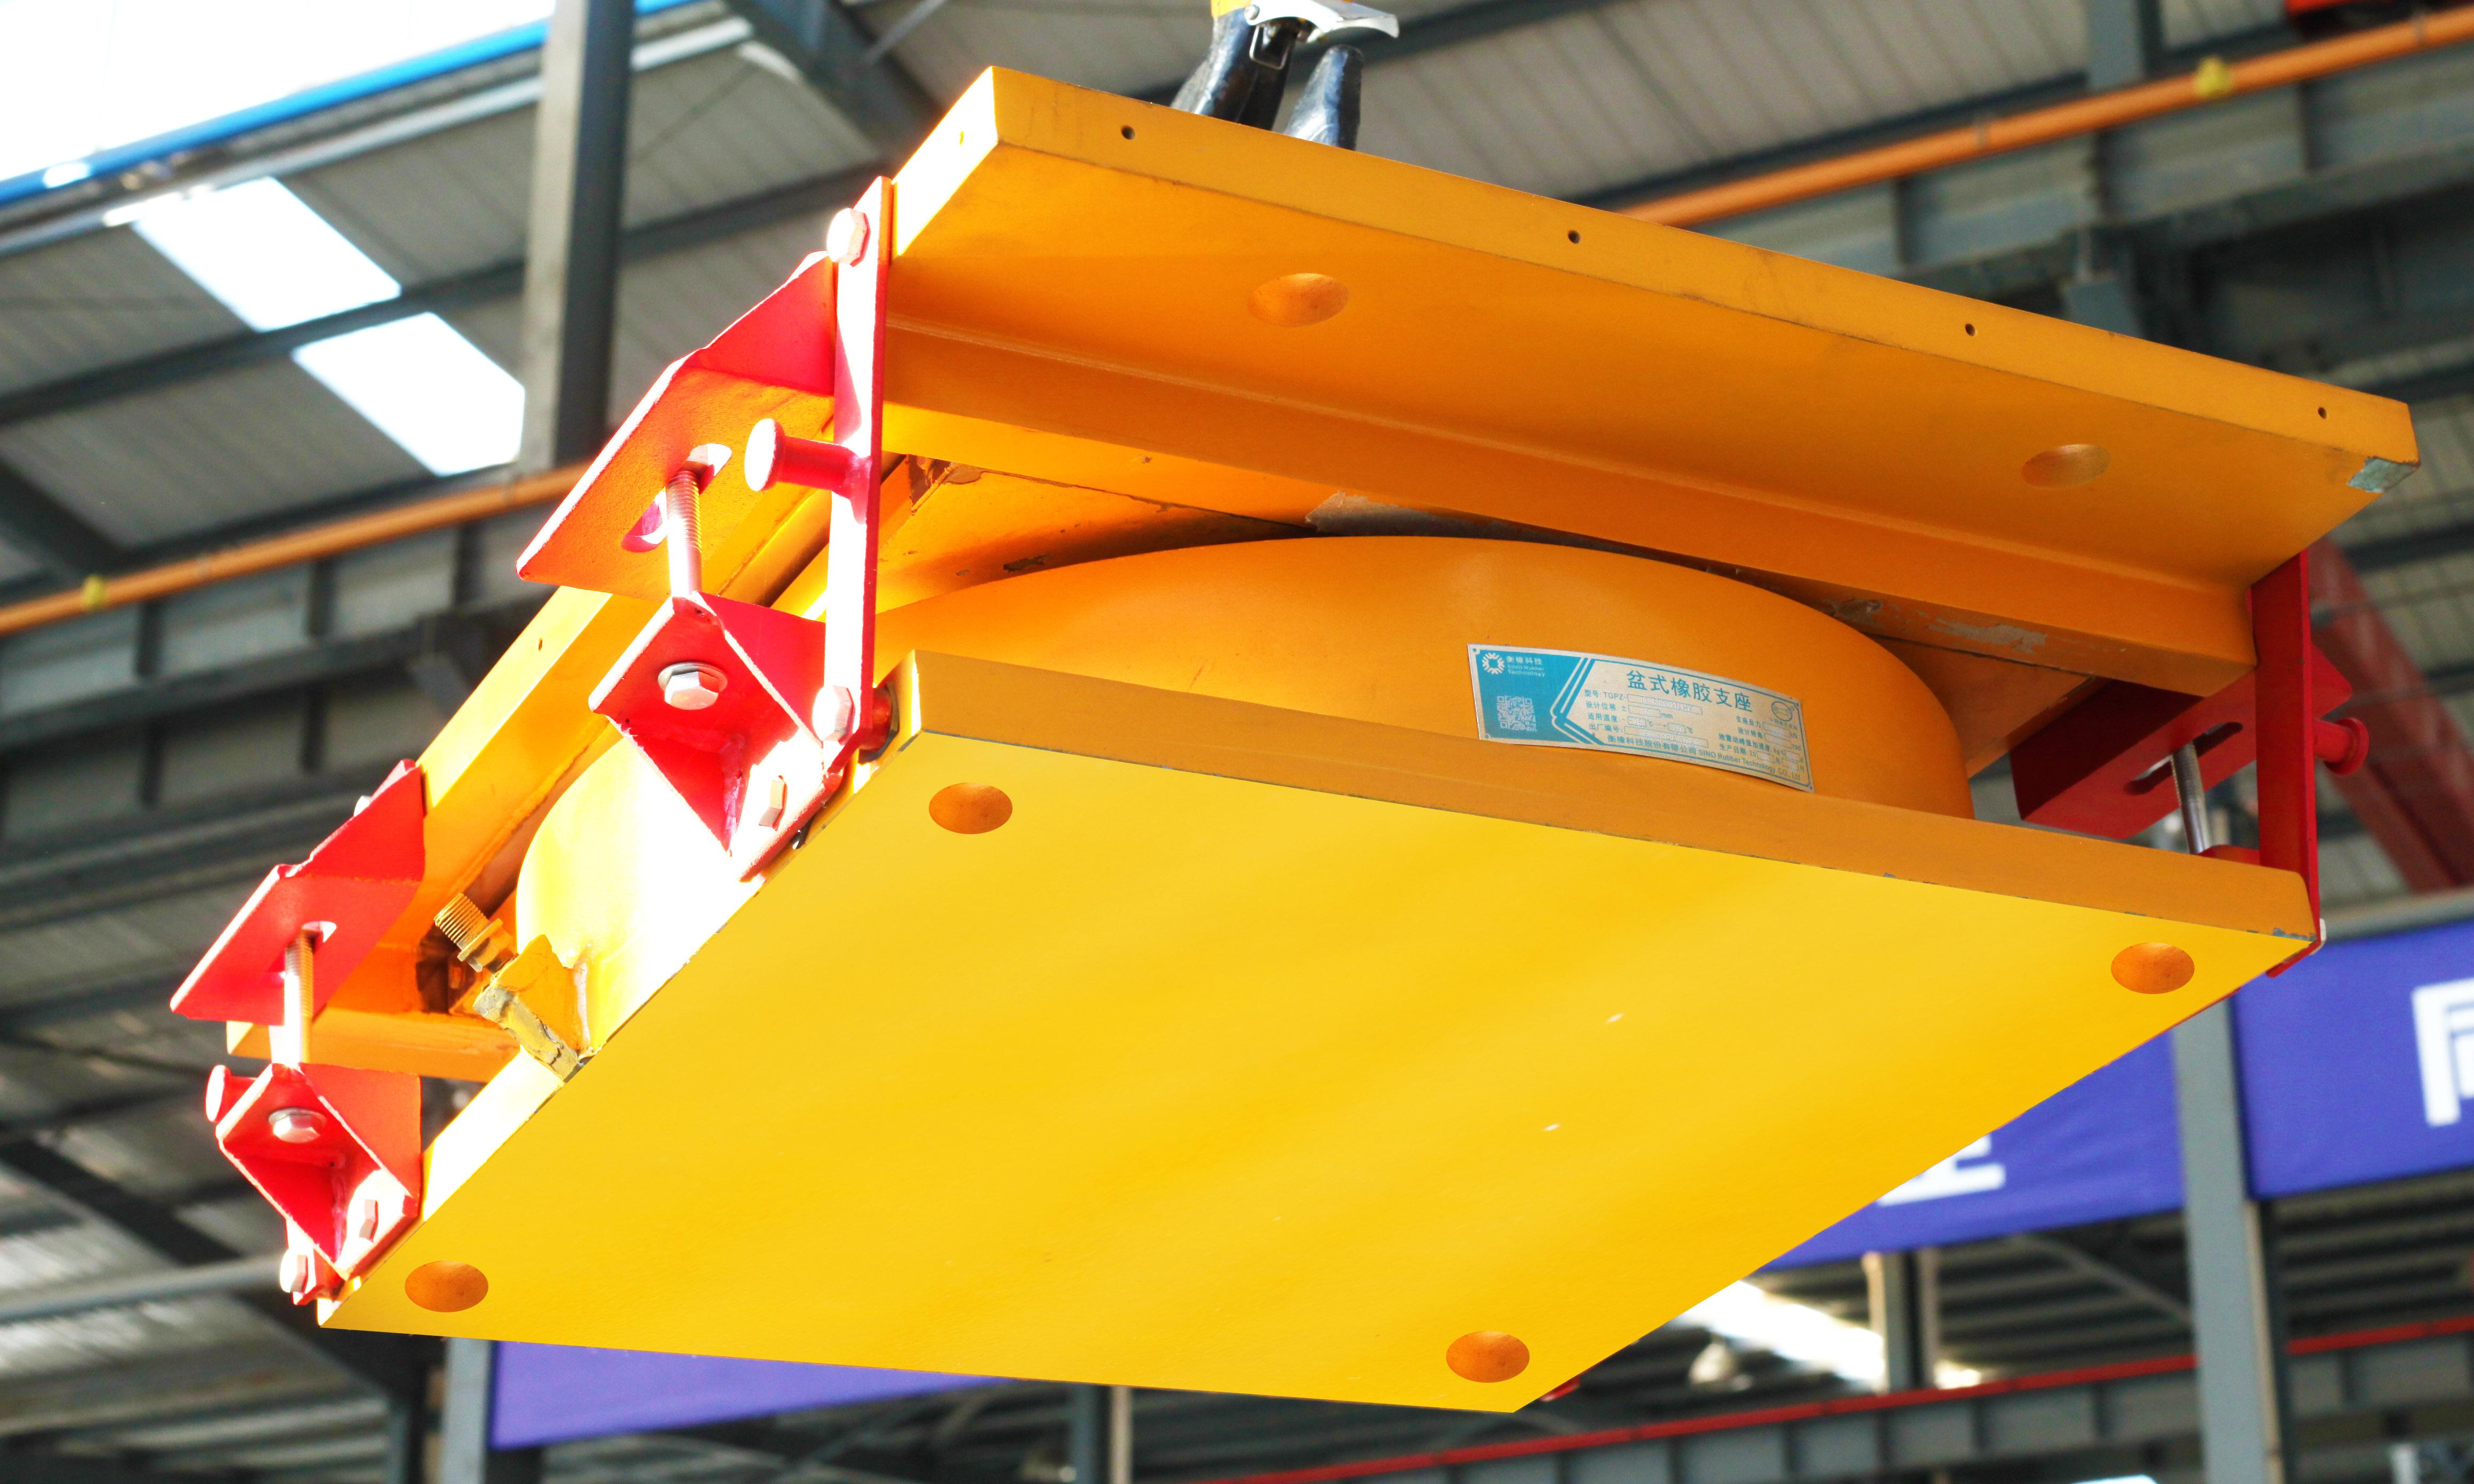 鐵路常用跨度簡支梁盆式橡膠支座